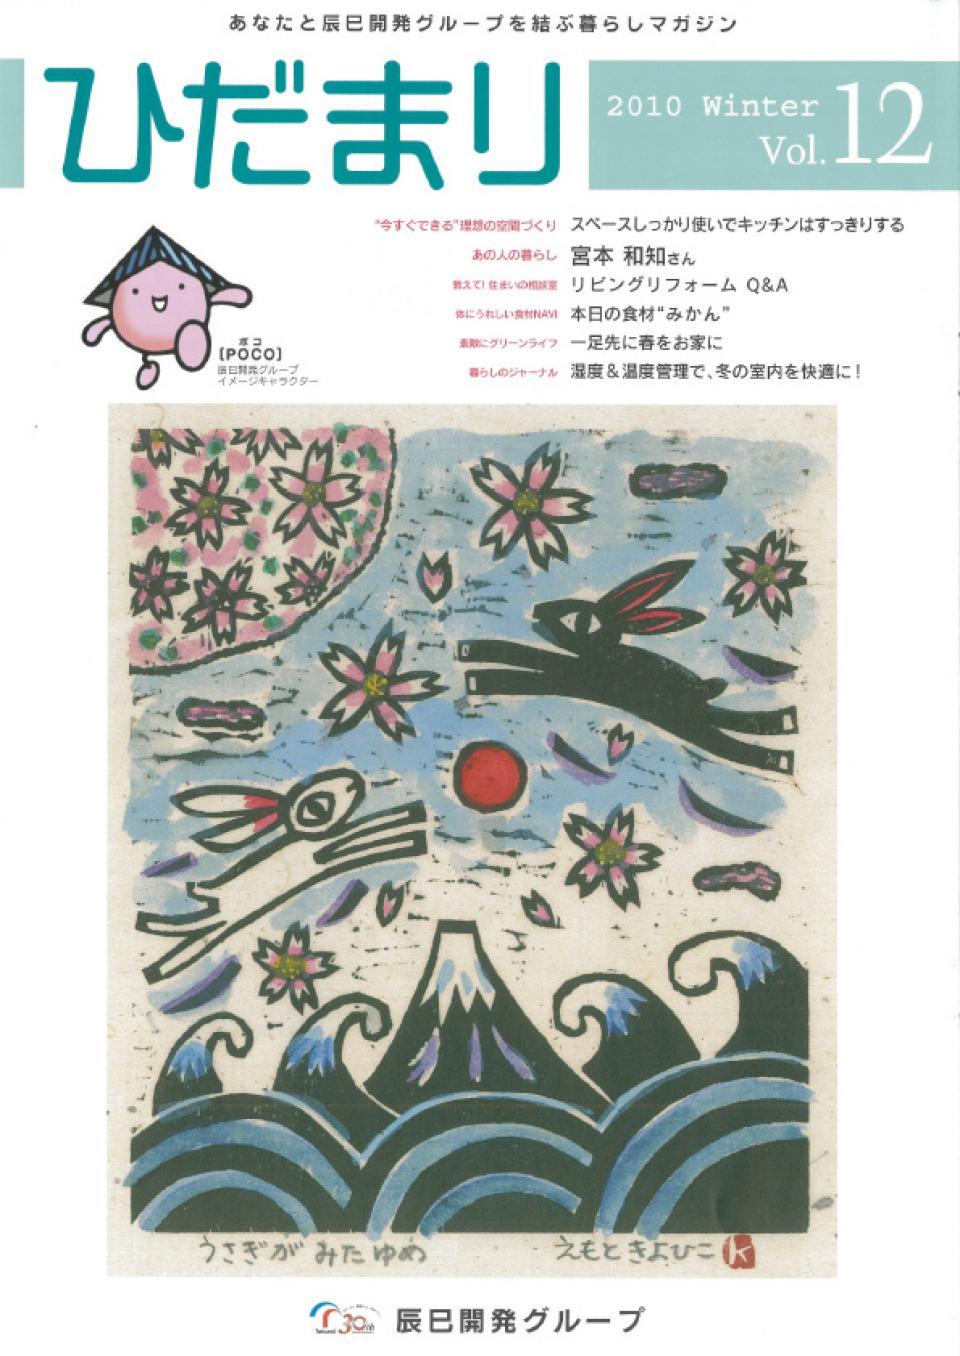 ひだまり 2010 Winter vol.12